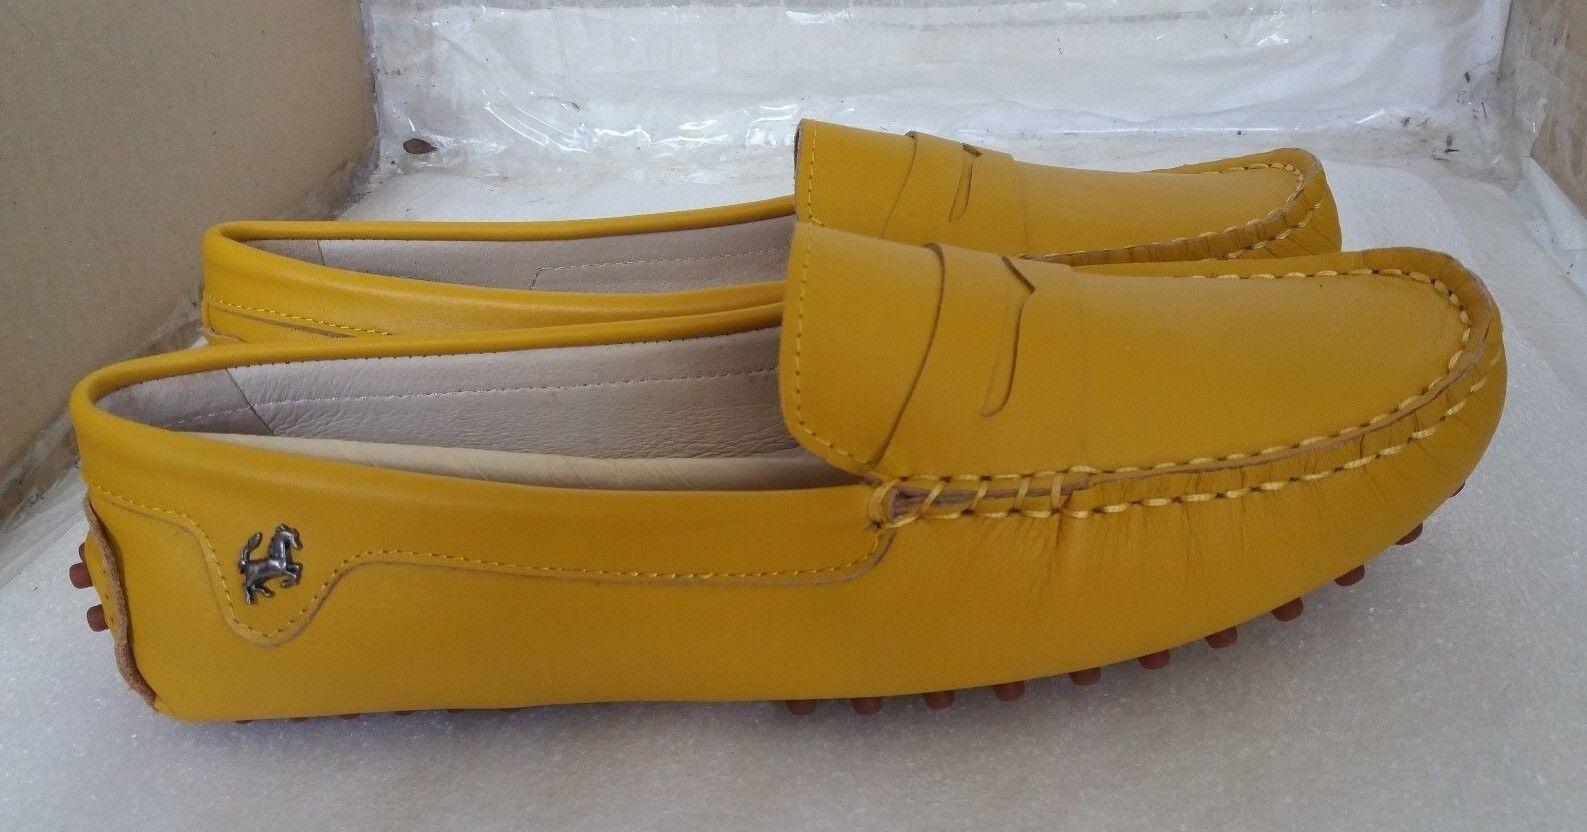 Goeao Lujo Mujer Casual De Lujo Goeao De Cuero Sin Cordones Mocasines para Conducir-Amarillo- 18101b